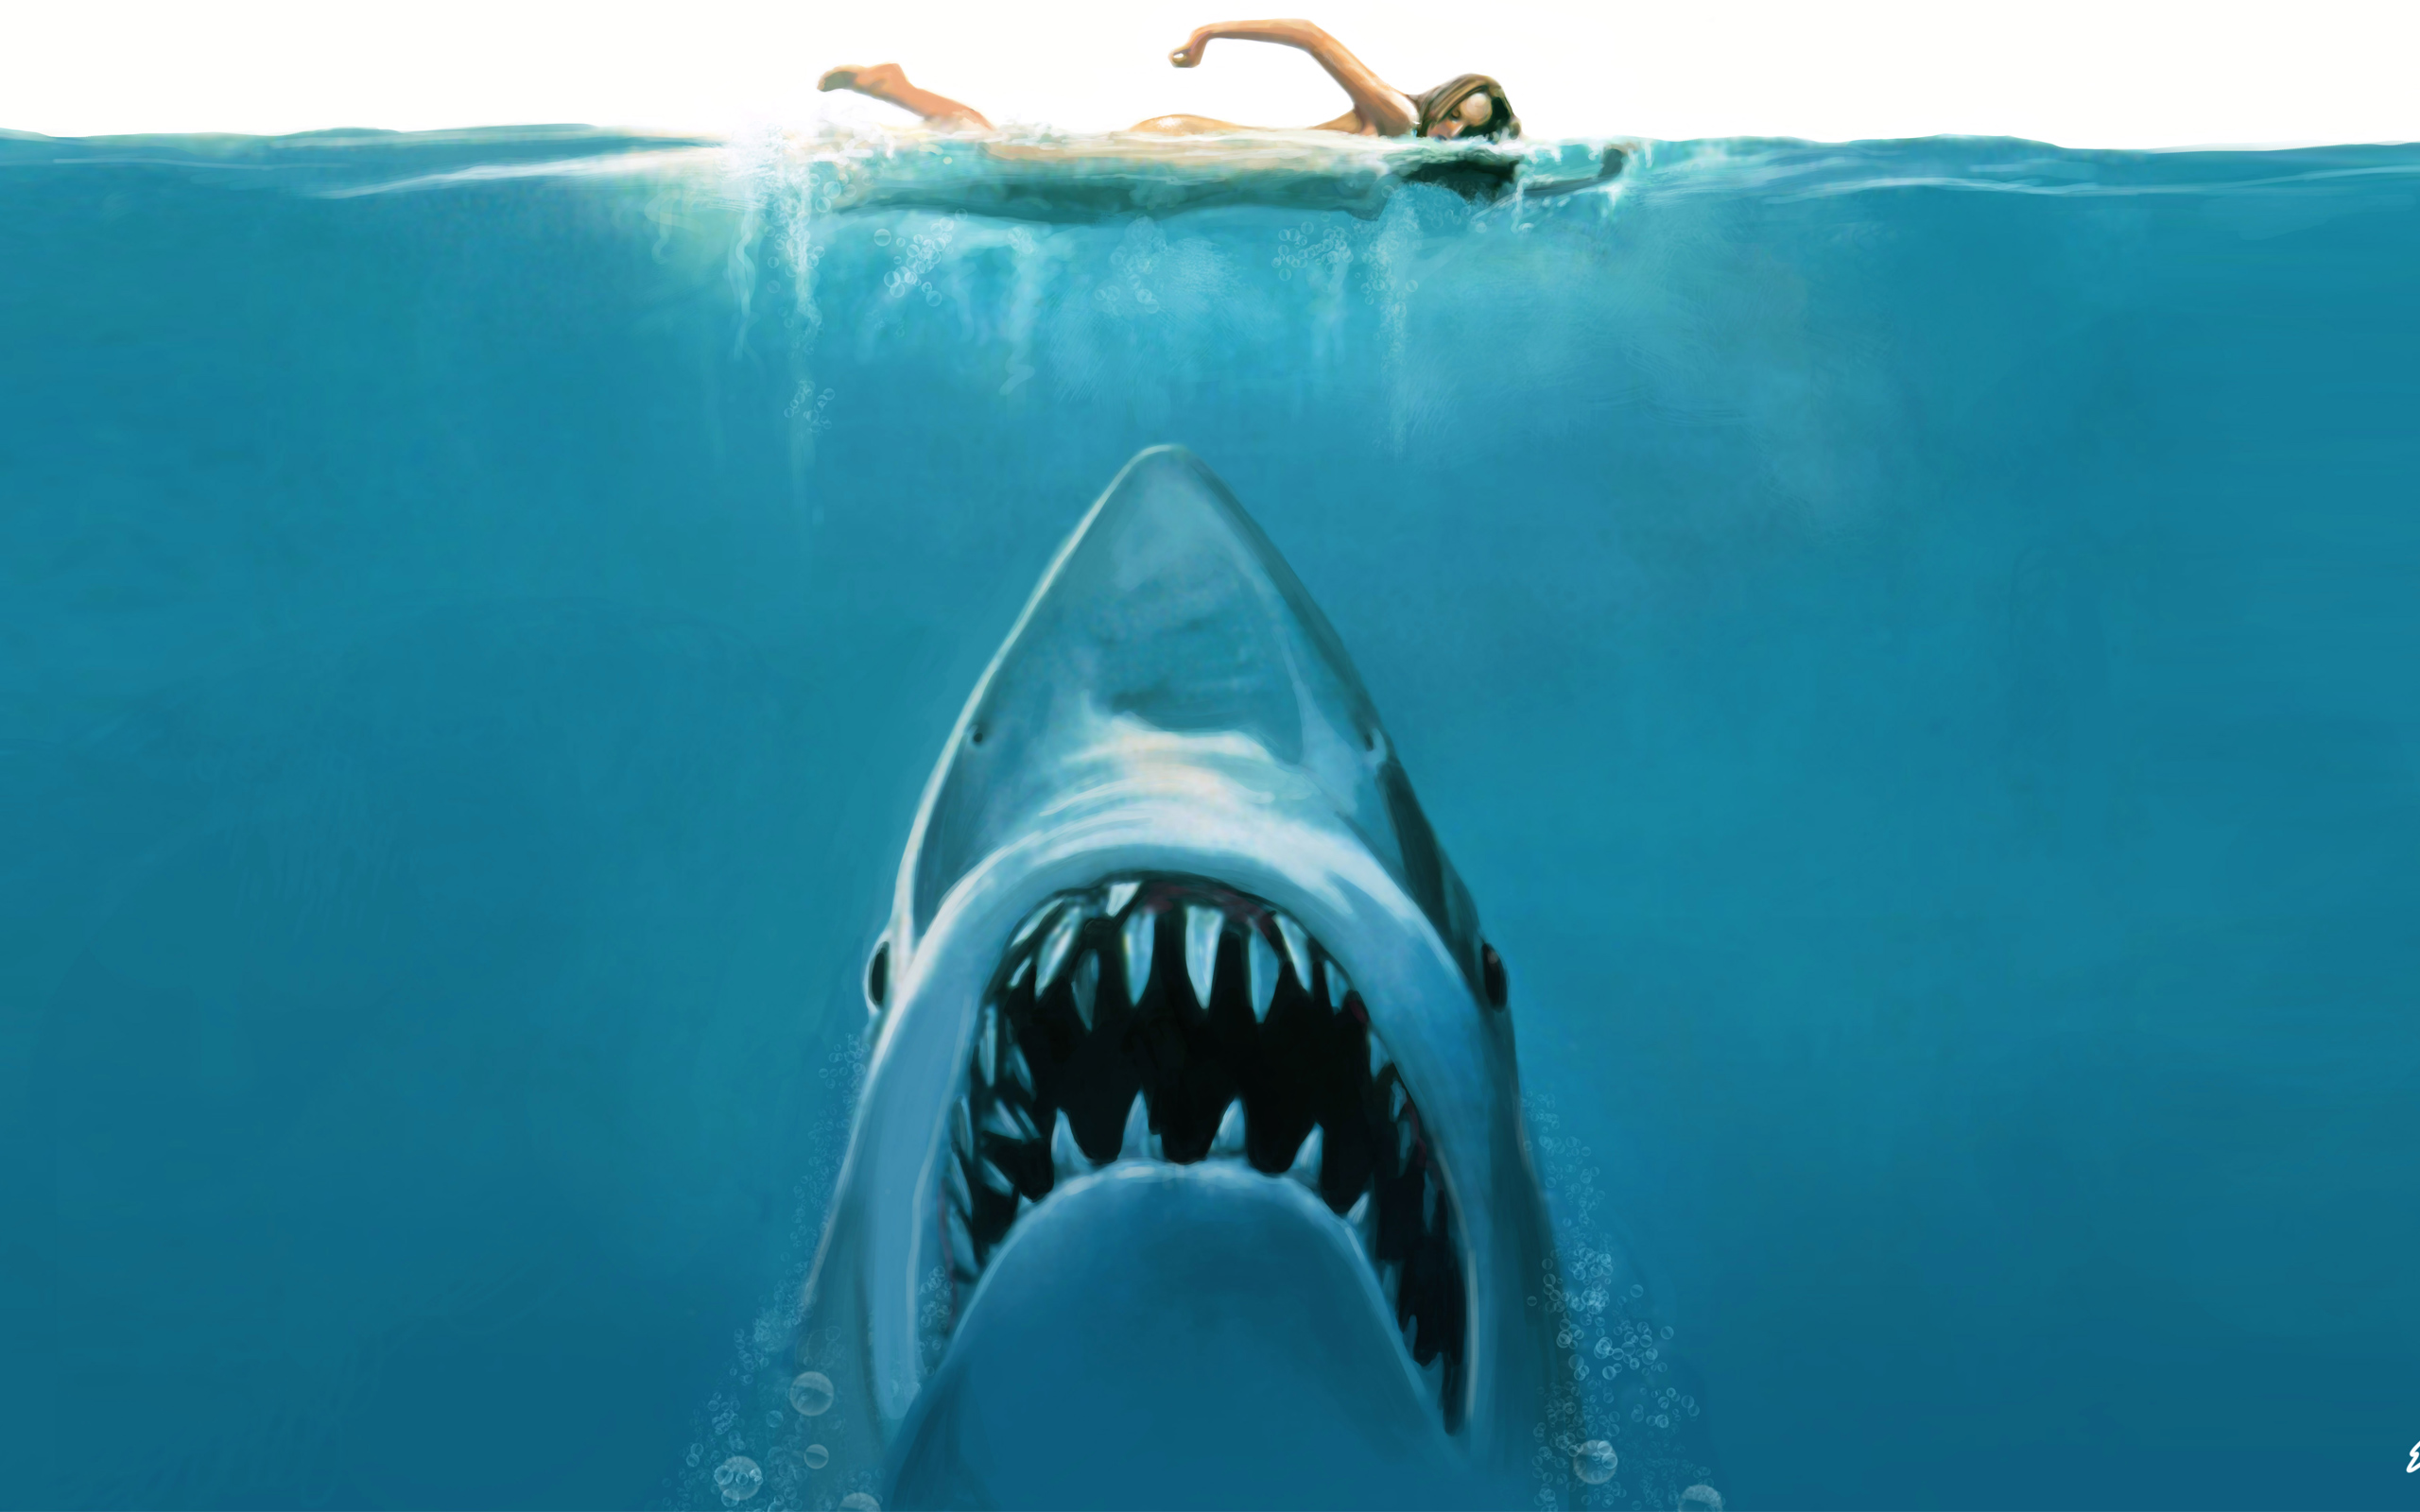 Обои на рабочий стол акулы на весь экран бесплатно